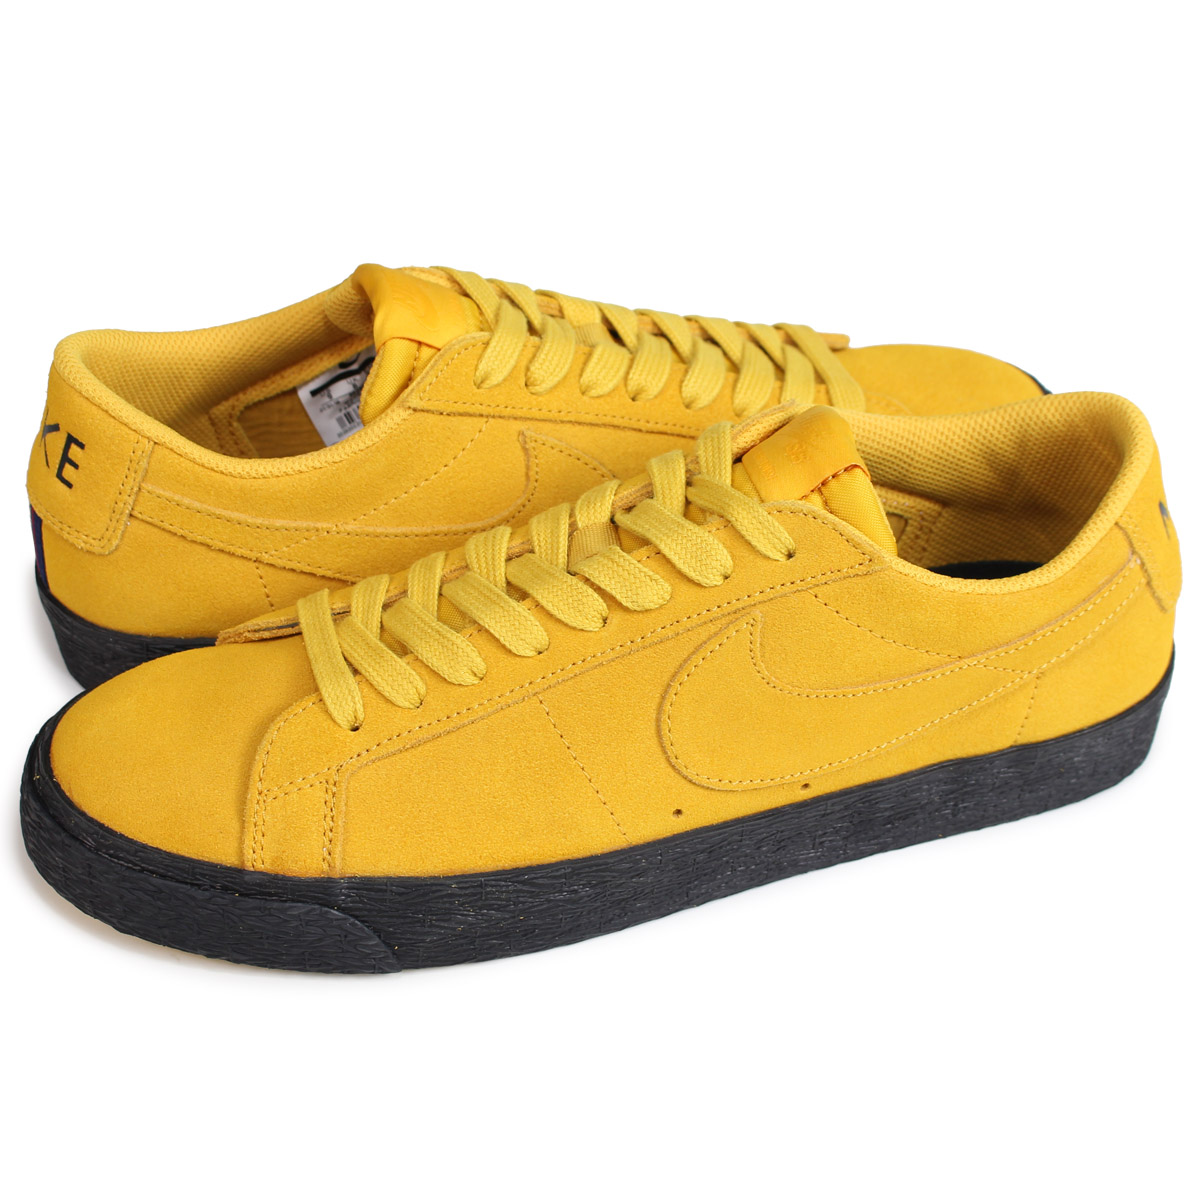 c0bab6860db6 Whats up Sports  NIKE SB ZOOM BLAZER LOW Nike blazer low sneakers ...